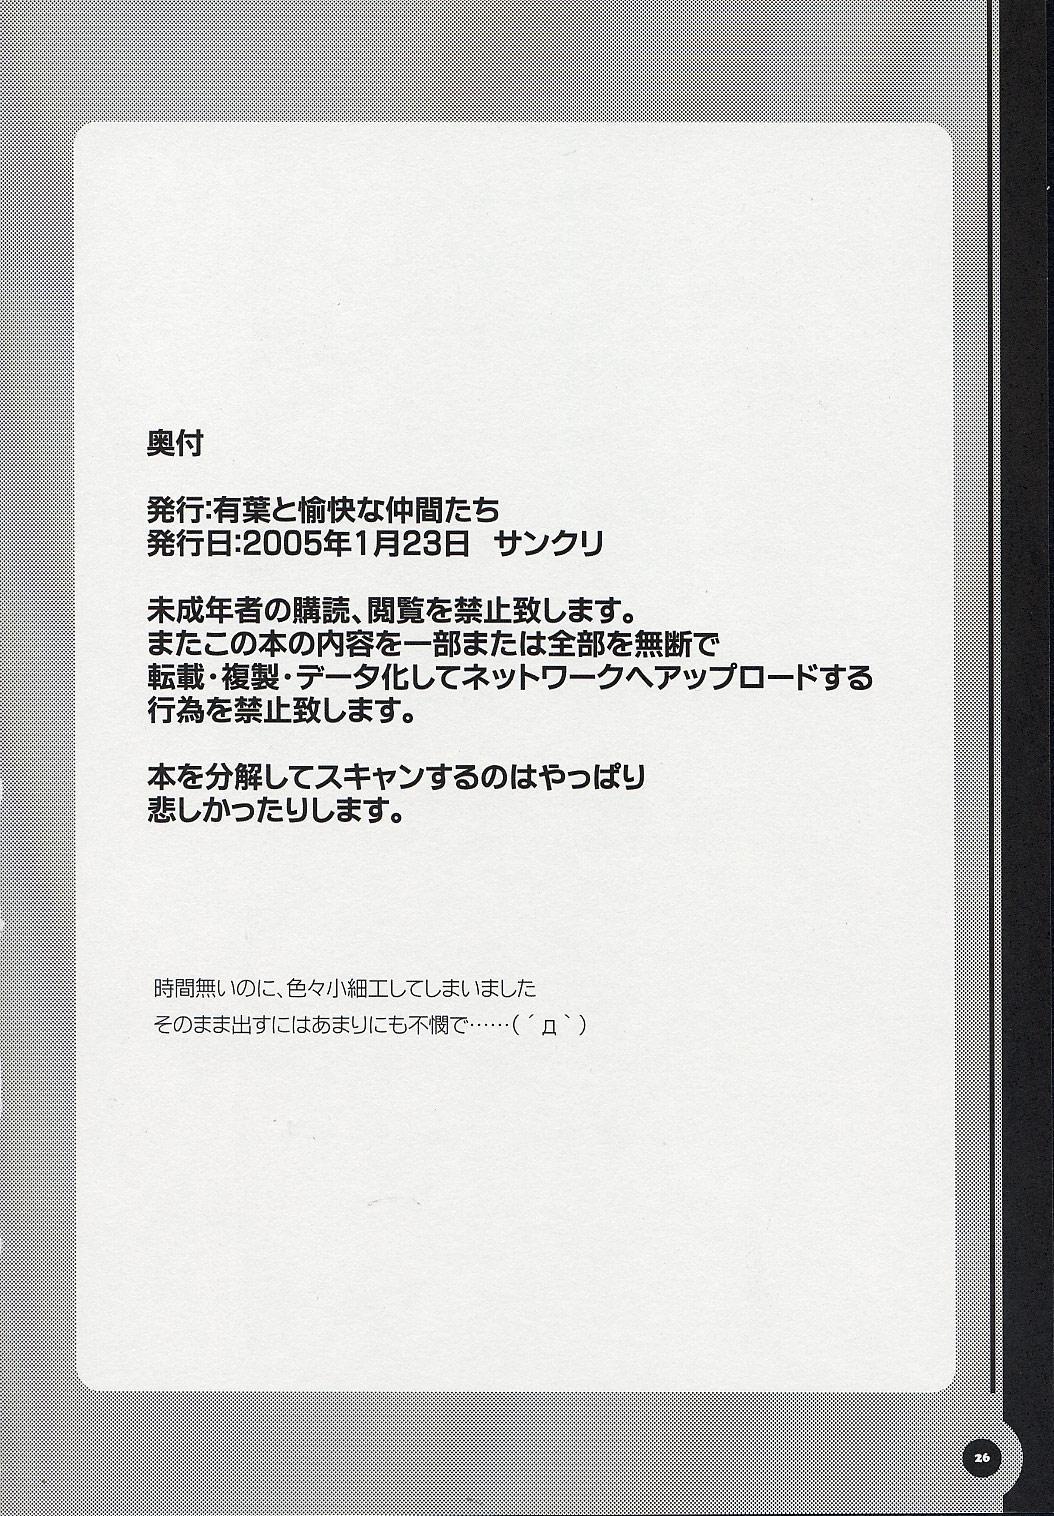 Chugakusei Shuubouhon 24